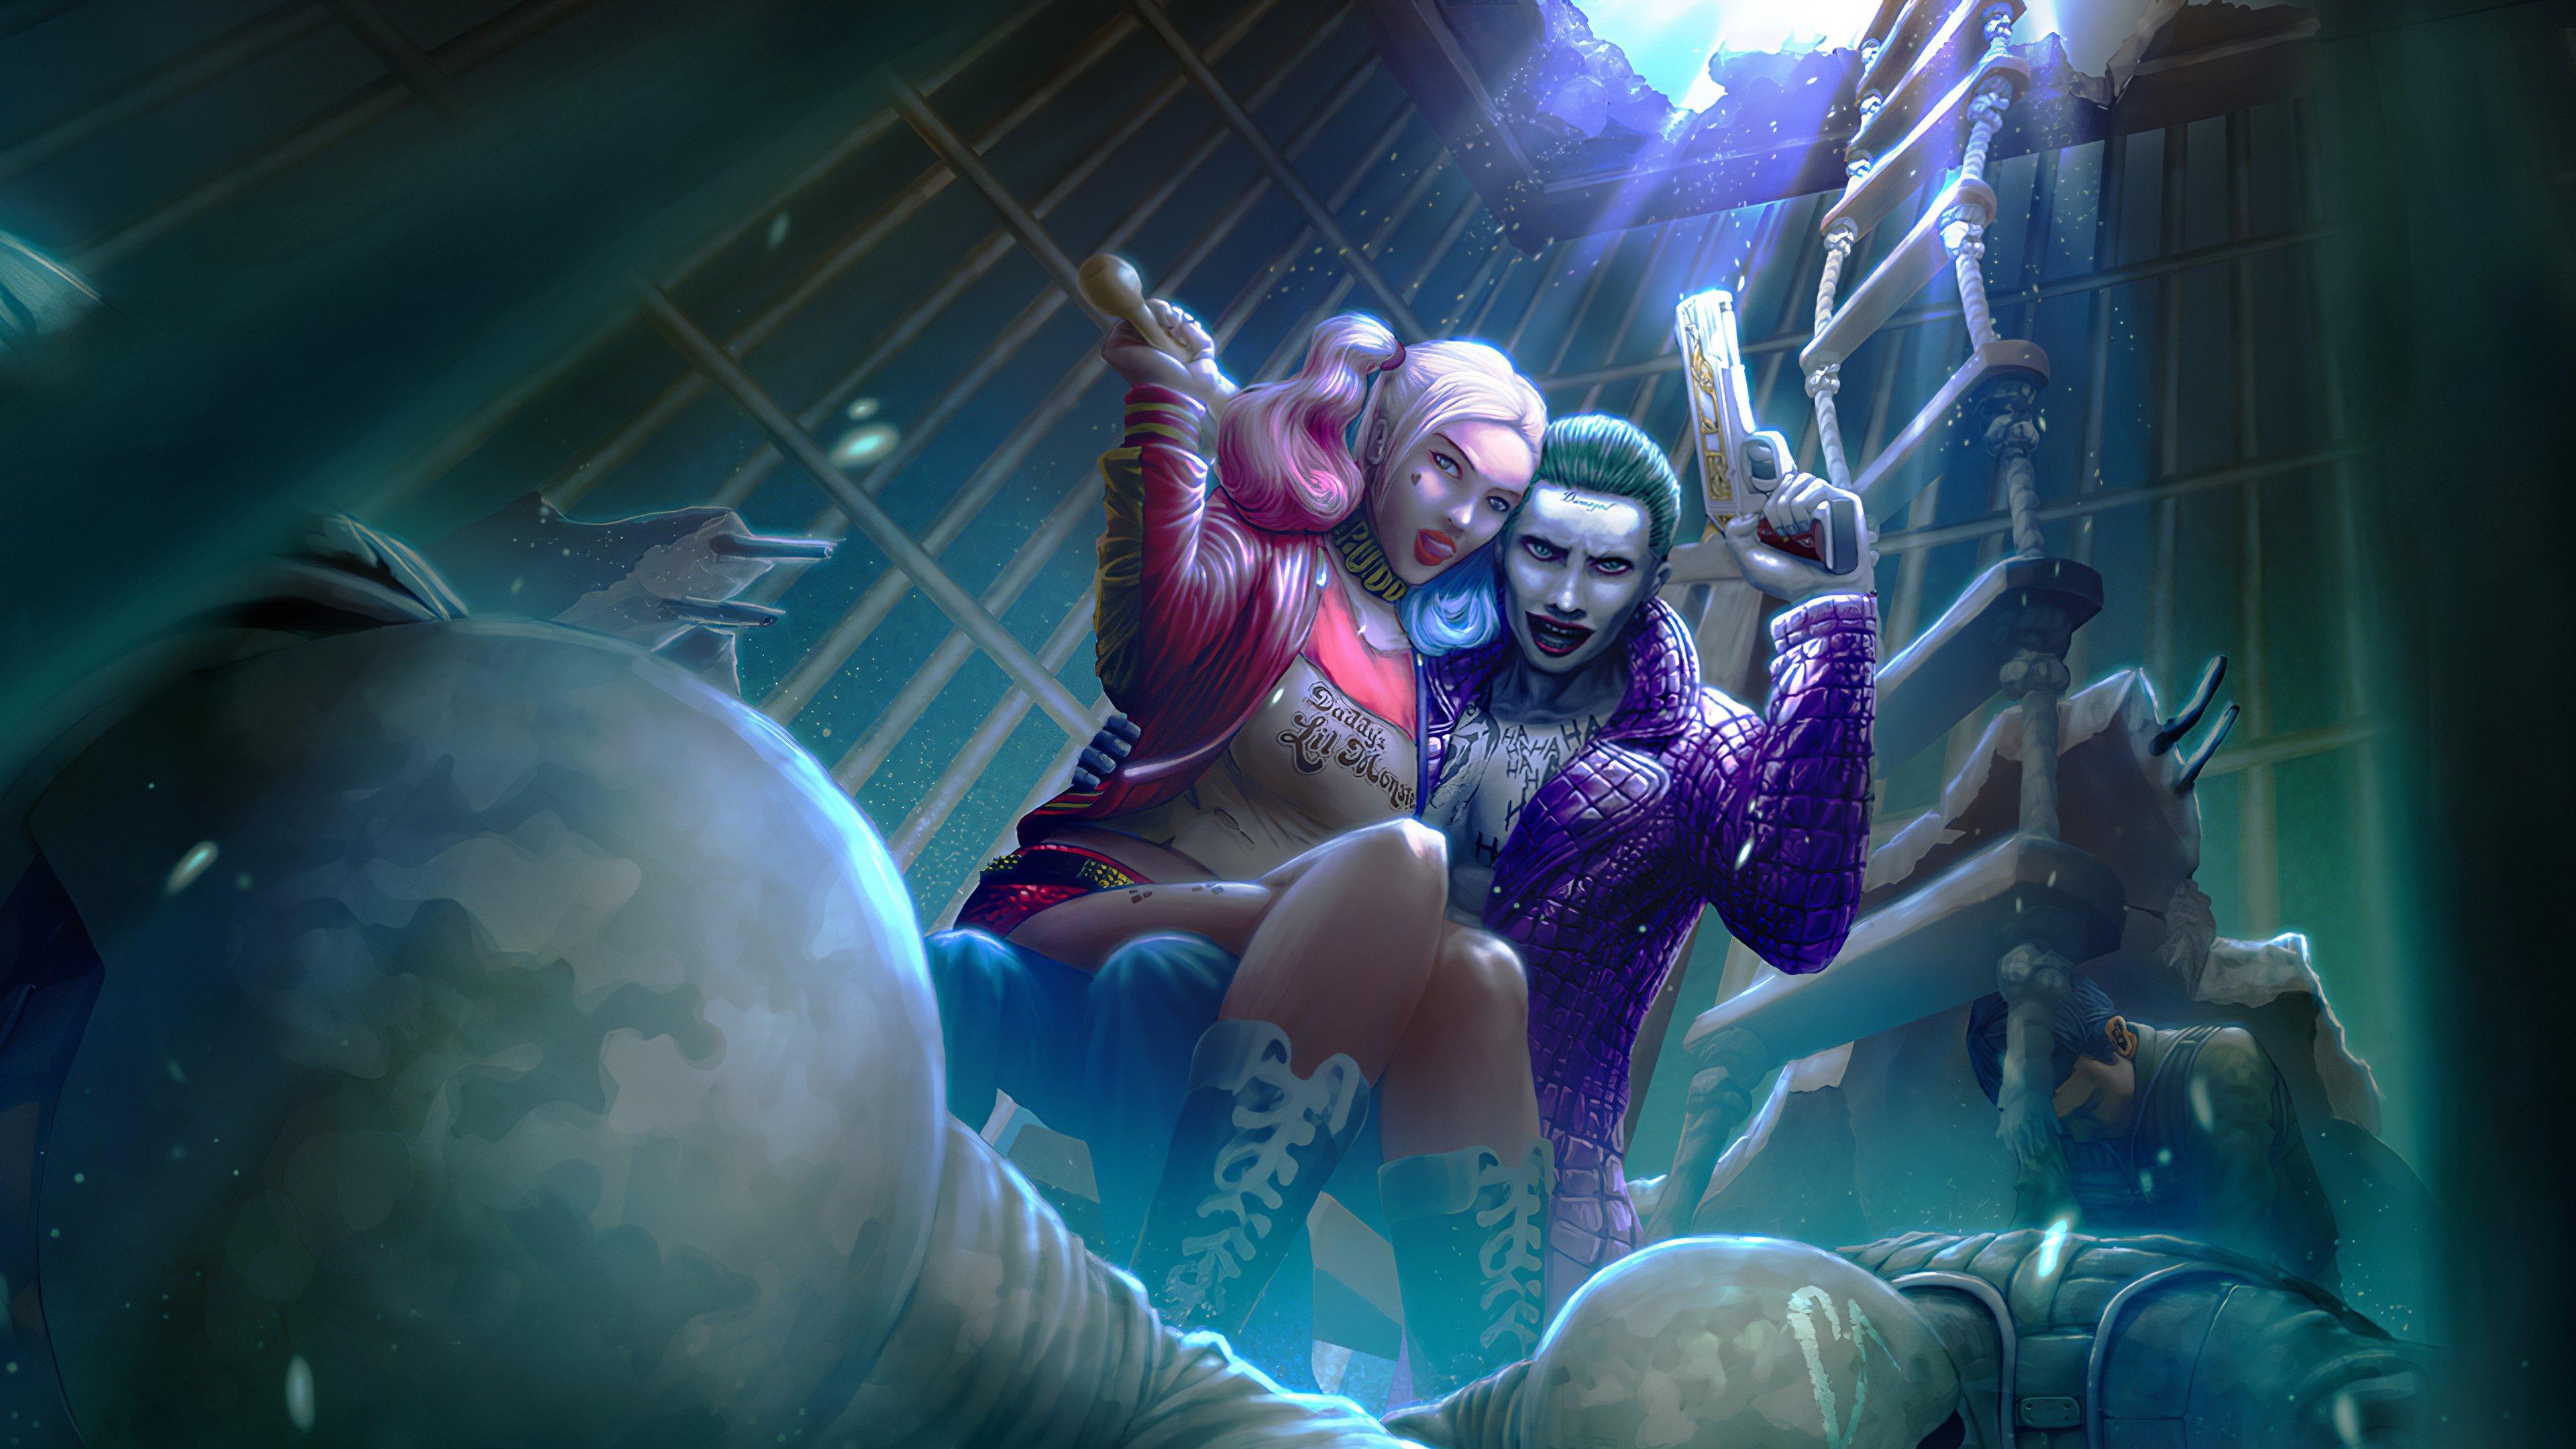 Wallpaper Harley Quinn and Joker